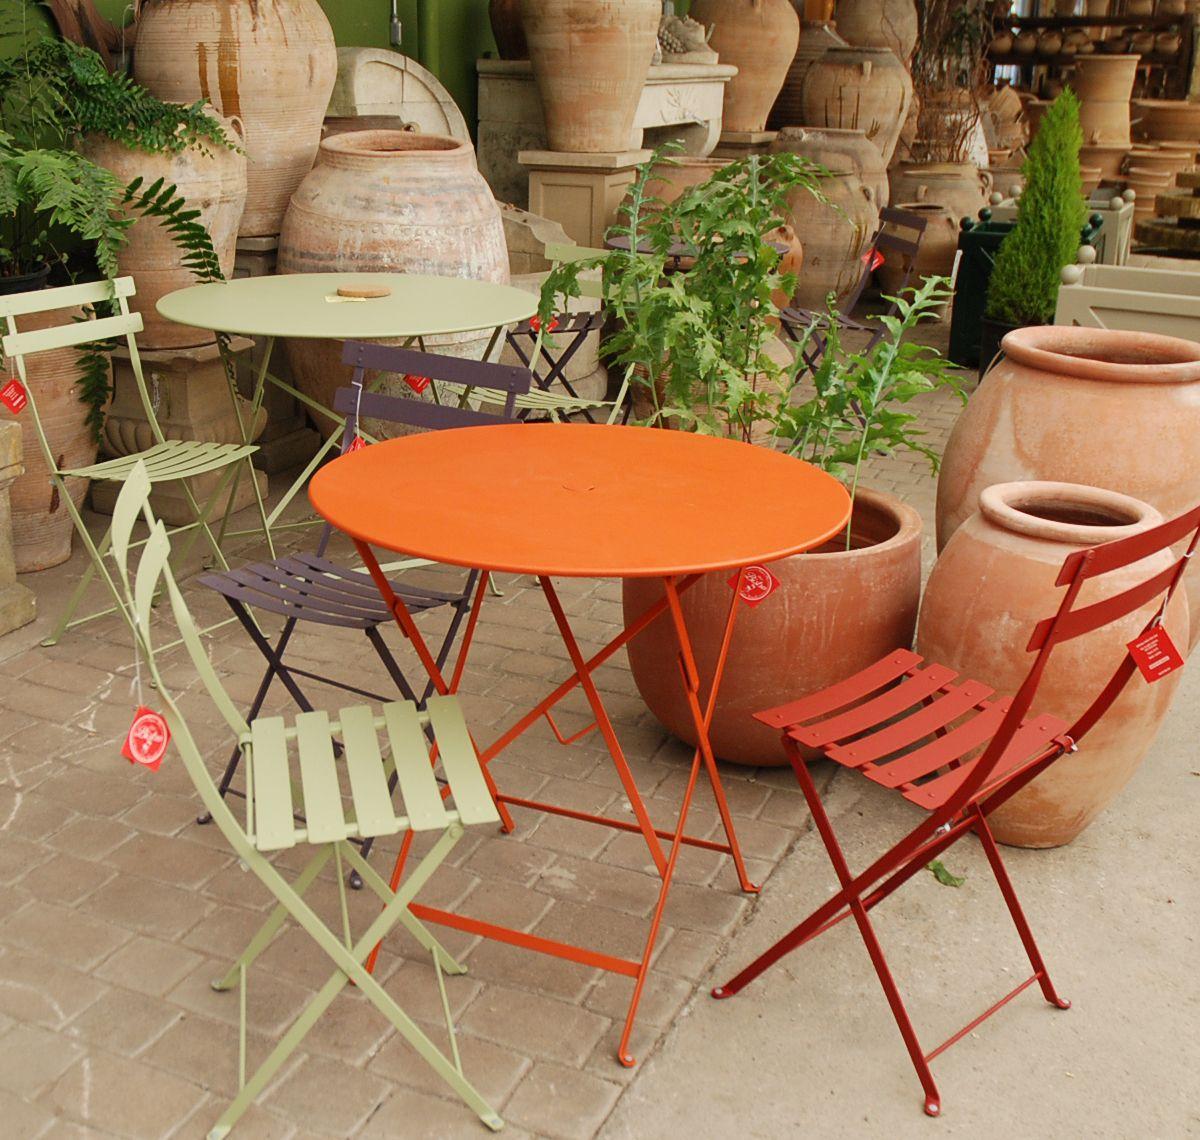 Fantastic French Bistro Table Carrot Outdoor Garden Furniture Best Image Libraries Weasiibadanjobscom